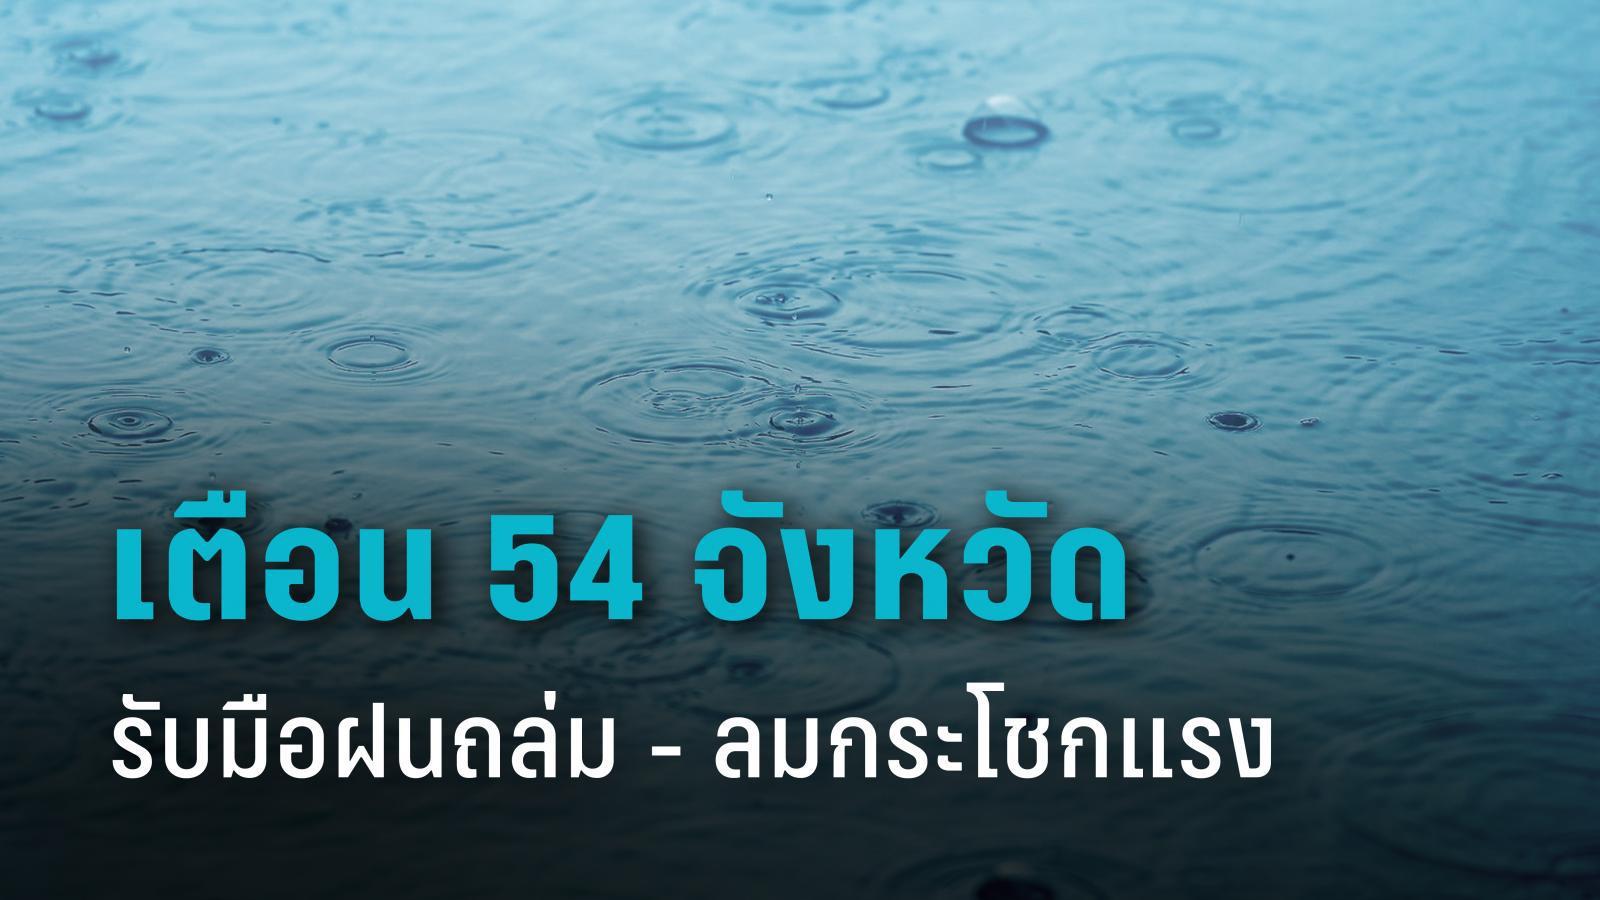 กรมอุตุฯ เตือน 54 จังหวัด รับมือฝนถล่ม ใต้อ่วม-ทะเลคลื่นสูง กทม.ไม่รอด